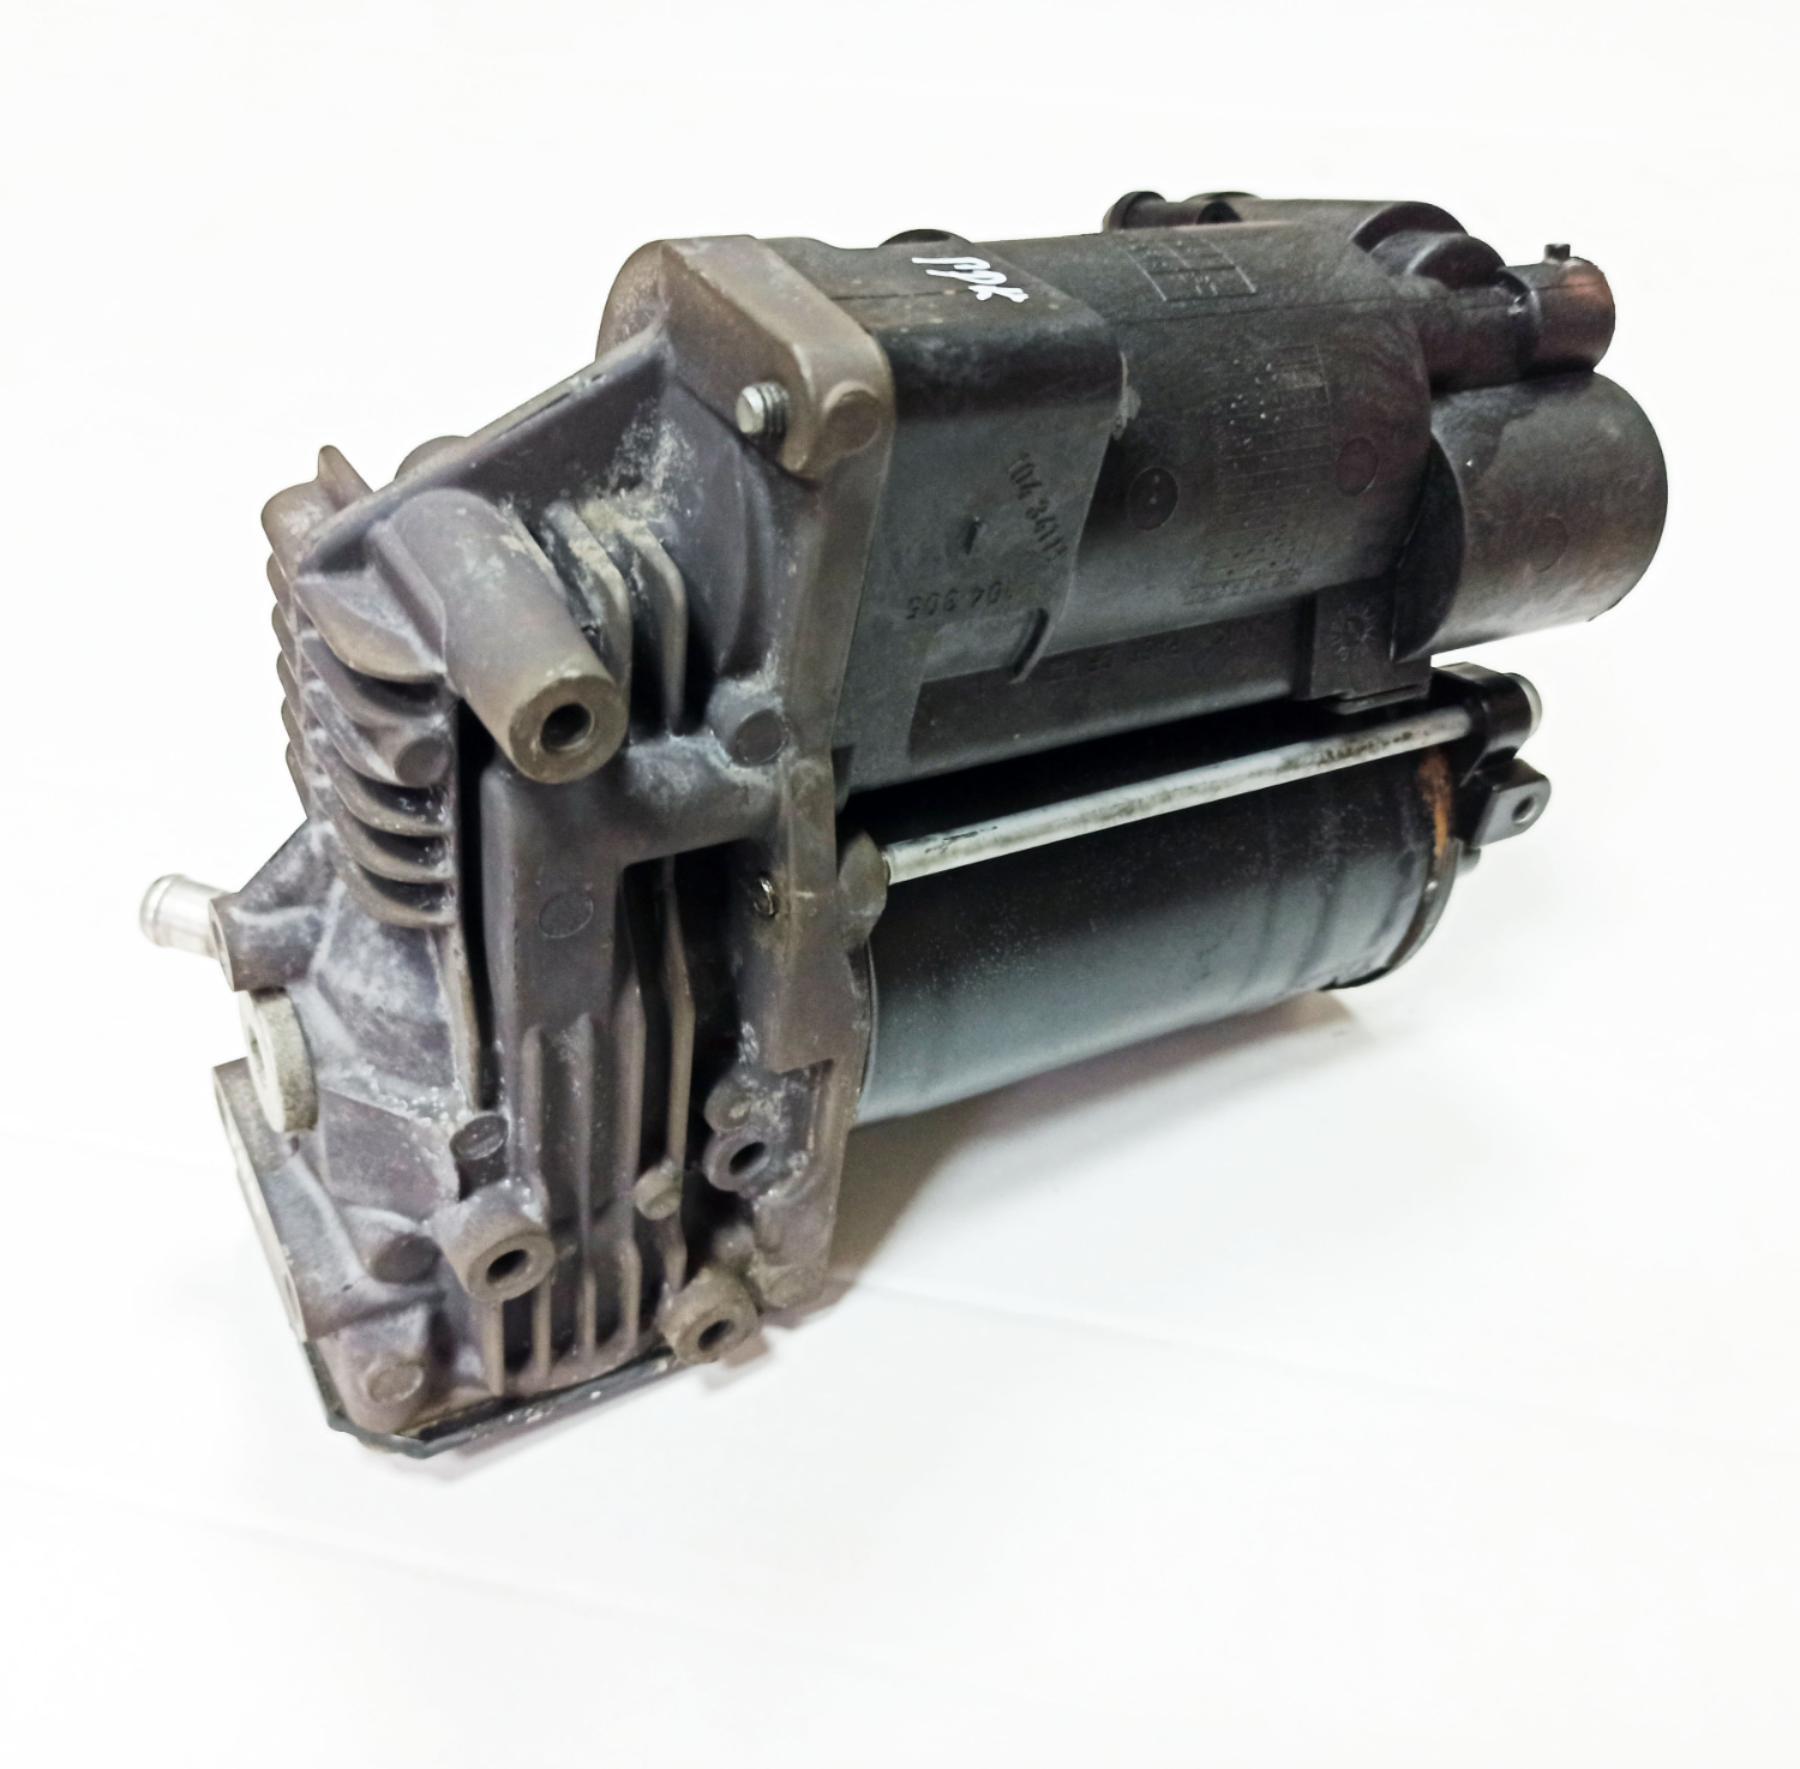 картинка Оригинальный восстановленный компрессор пневмоподвески AMK для Mercedes-Benz V-class Vito/ Viano W639/ V639 (2003-14) (A6393200204, A6393200404) от магазина пневмоподвески ПневмоМаркет